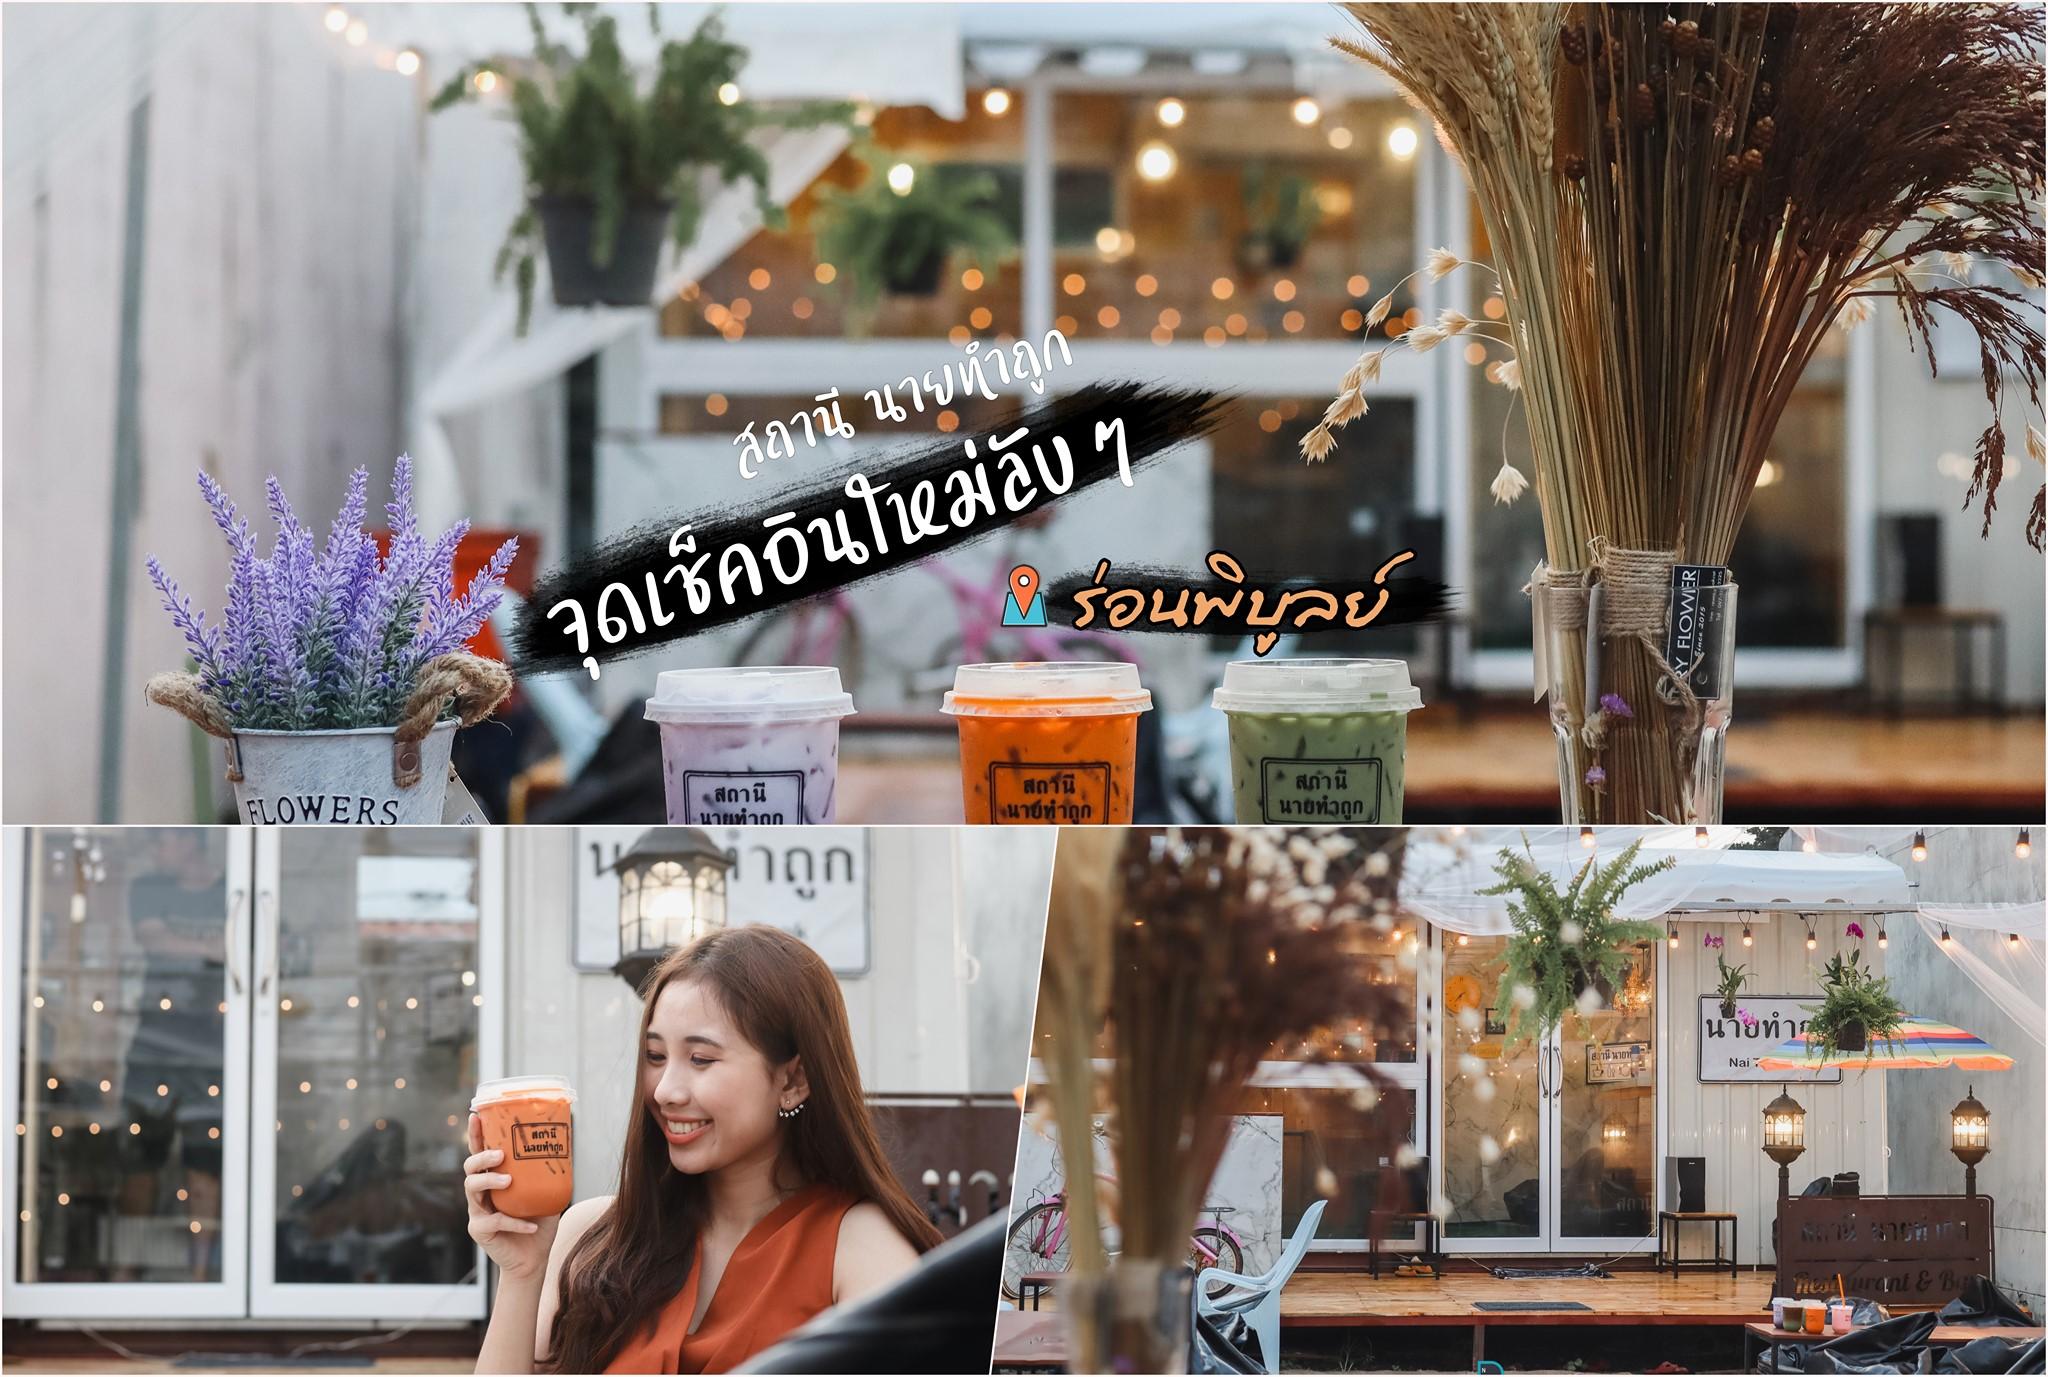 25 สถานที่ท่องเที่ยวใหม่ๆ นครศรีธรรมราช 2019-2020 ร้านอาหาร จุดเช็คอิน ที่พัก นครศรีดีย์